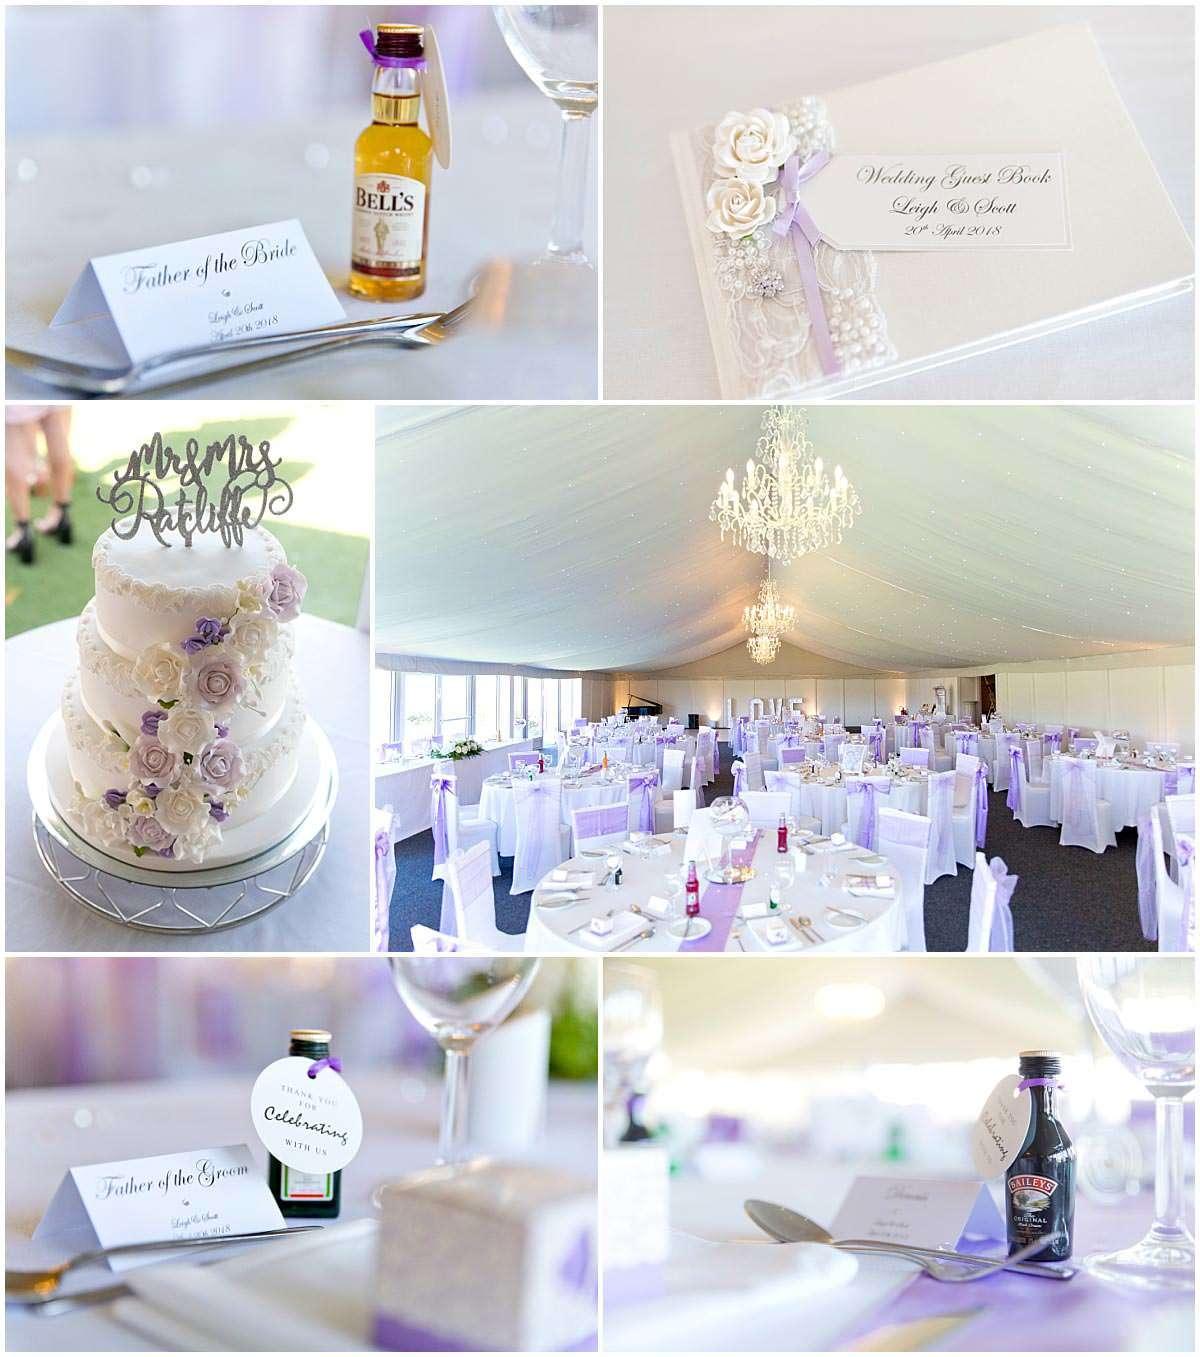 Shottle Hall Wedding venue details